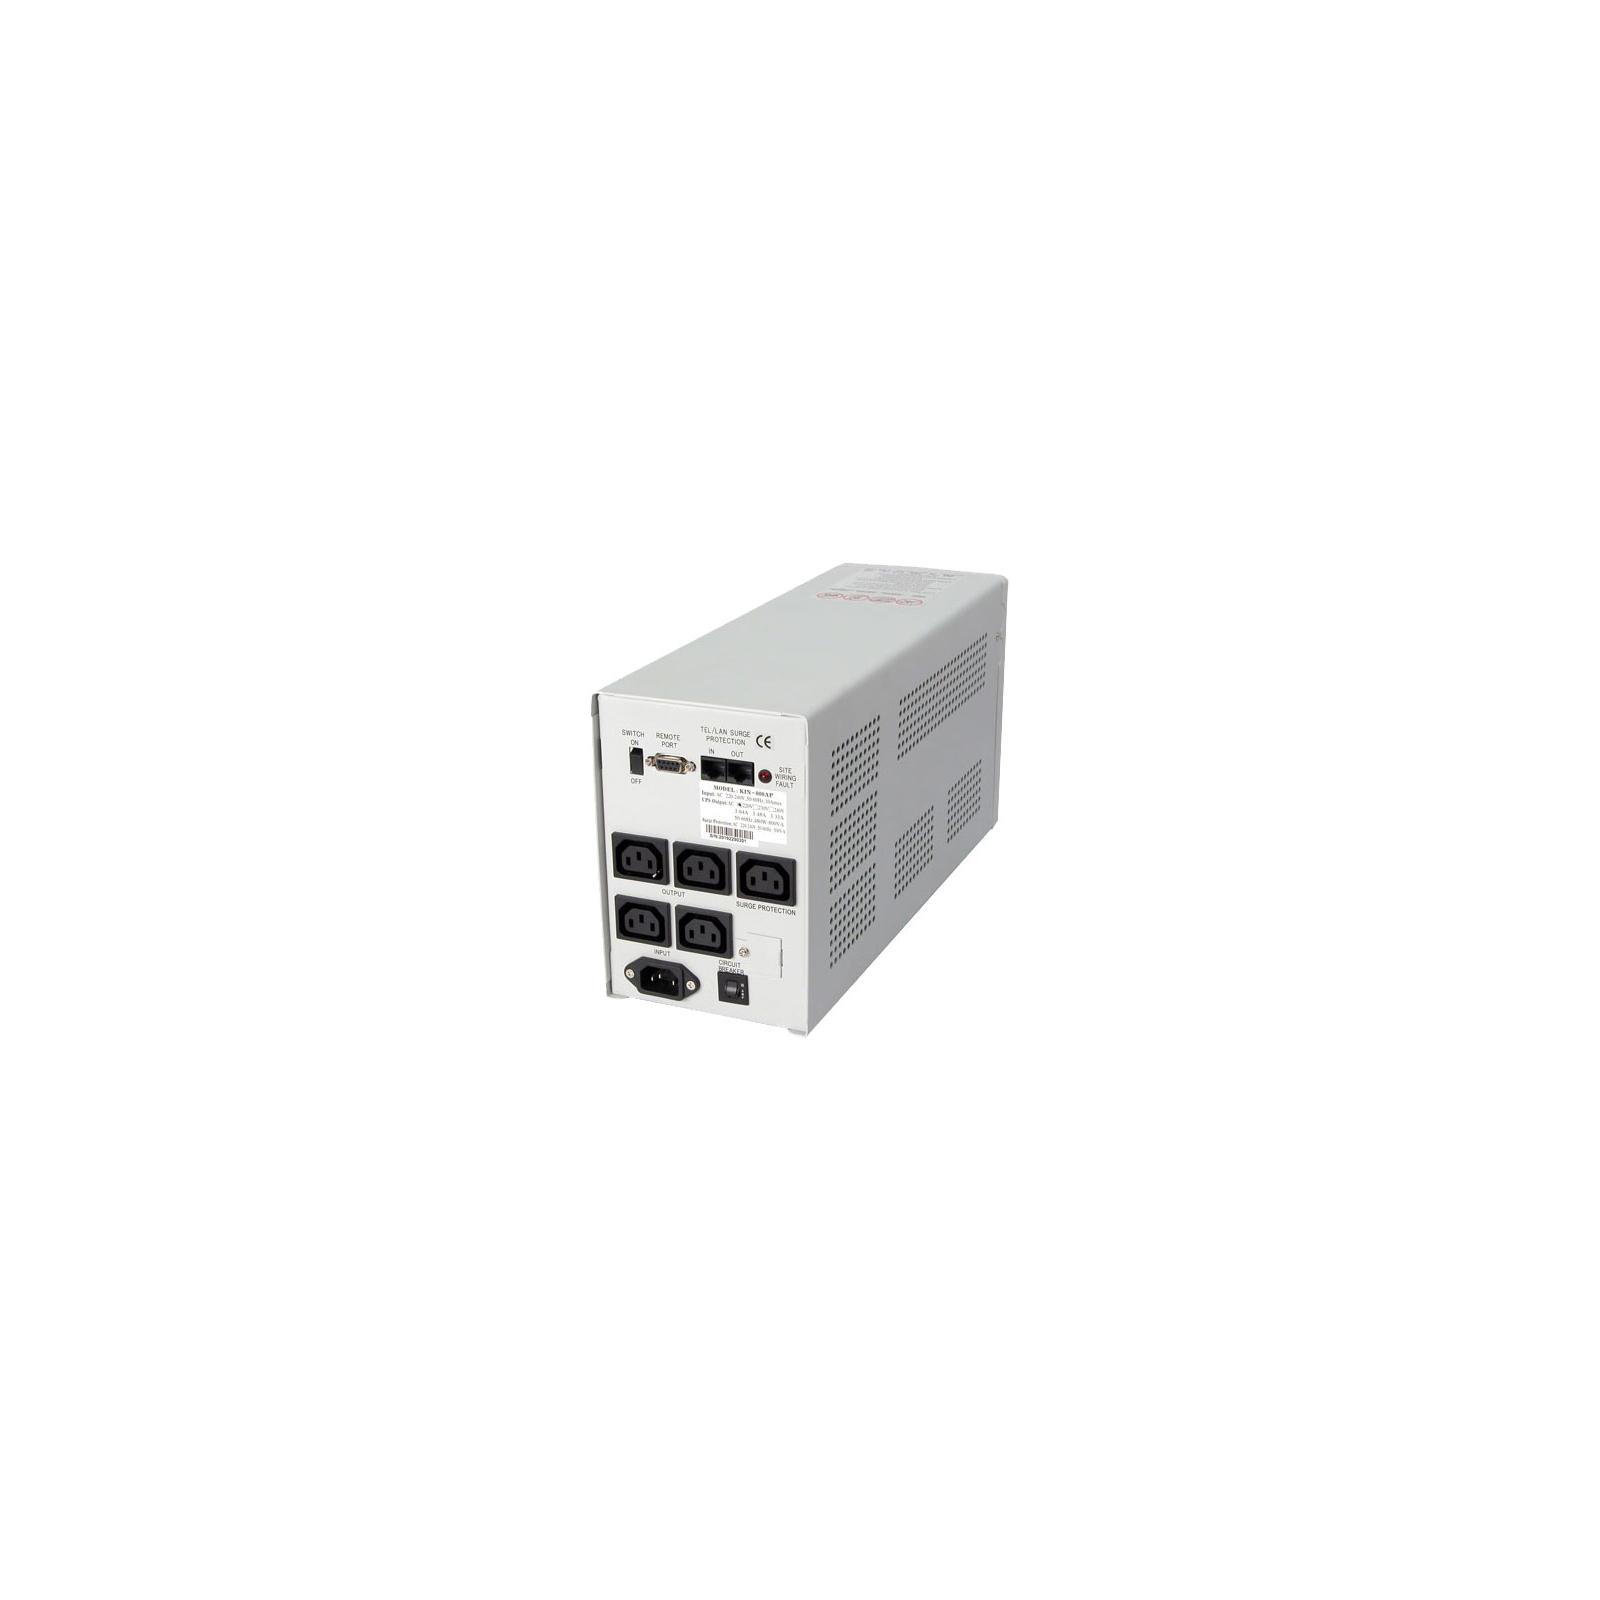 Источник бесперебойного питания KIN-2200 AP Powercom изображение 2